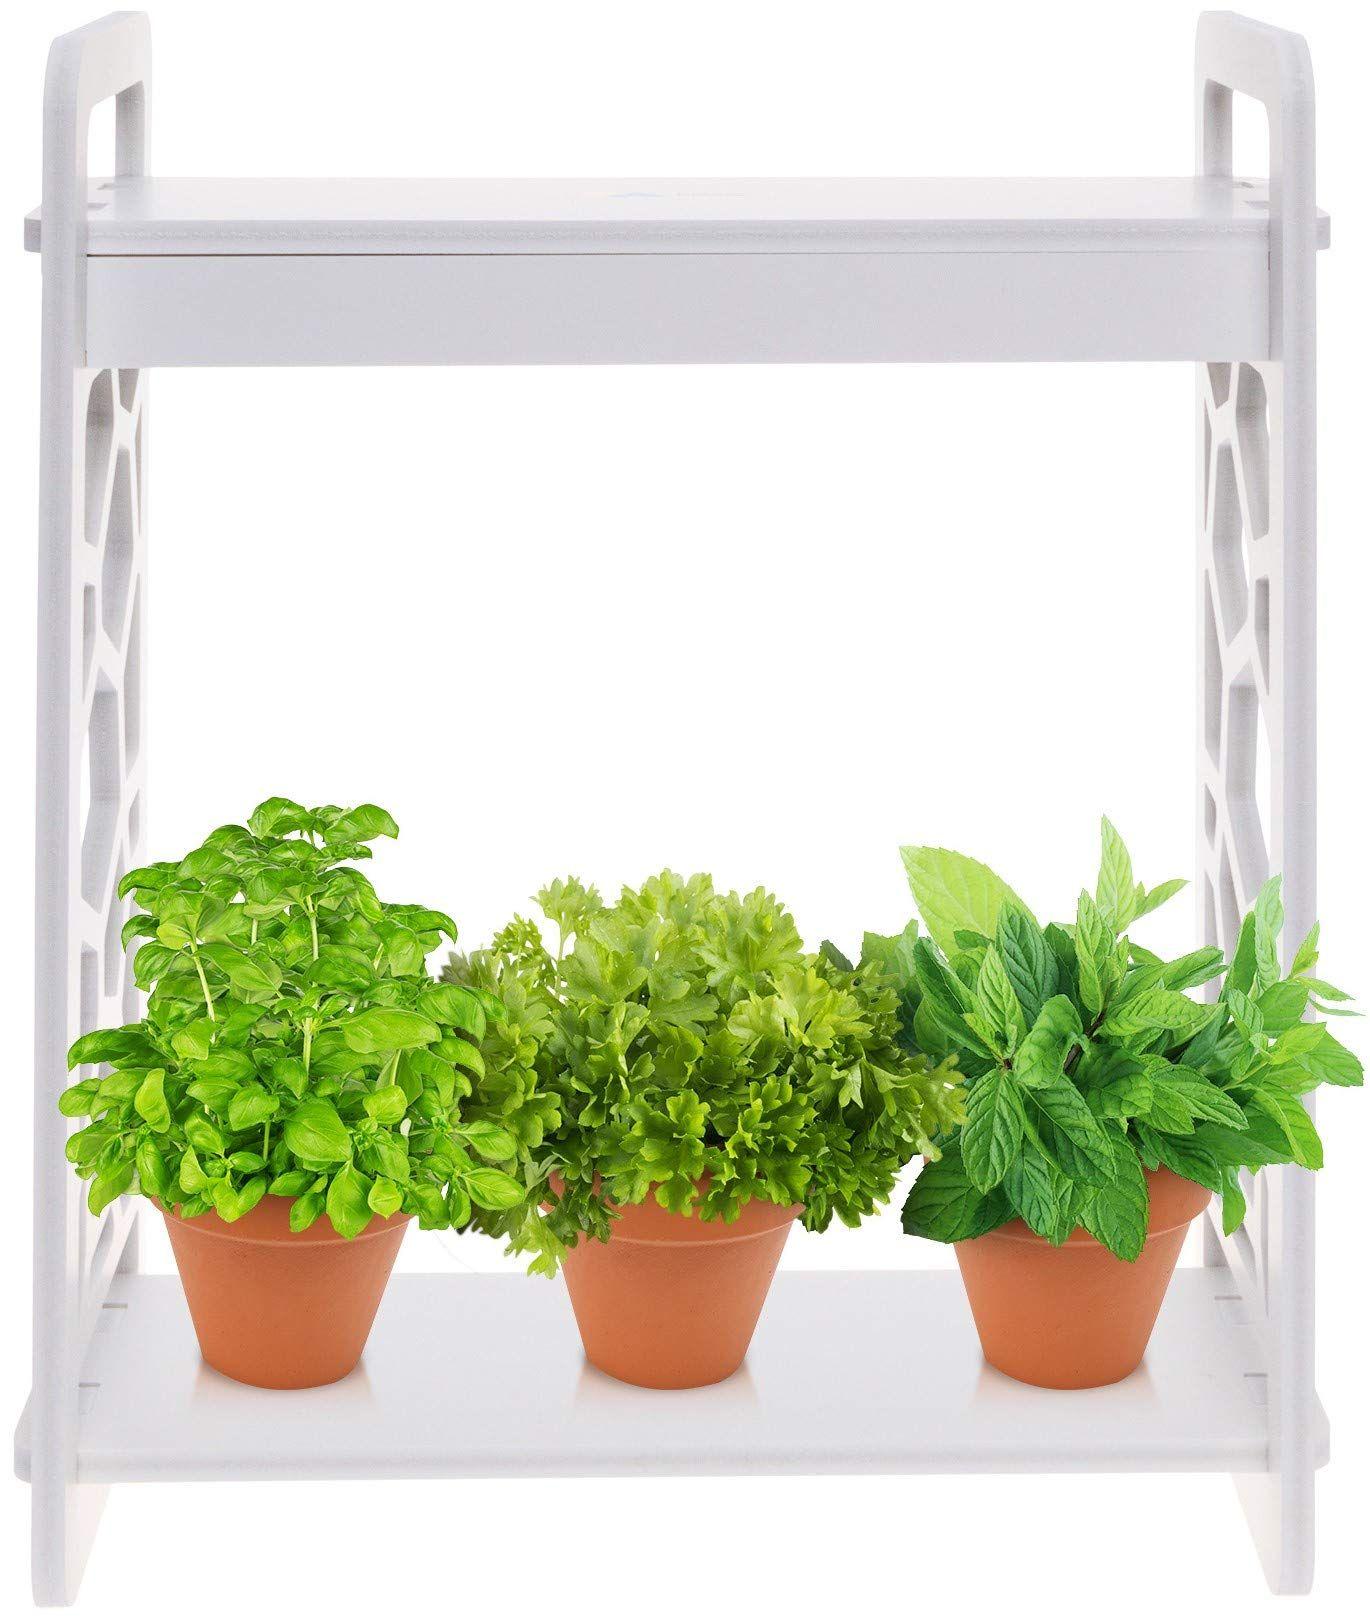 Mindful Design LED Indoor Herb Garden with Timer at Home